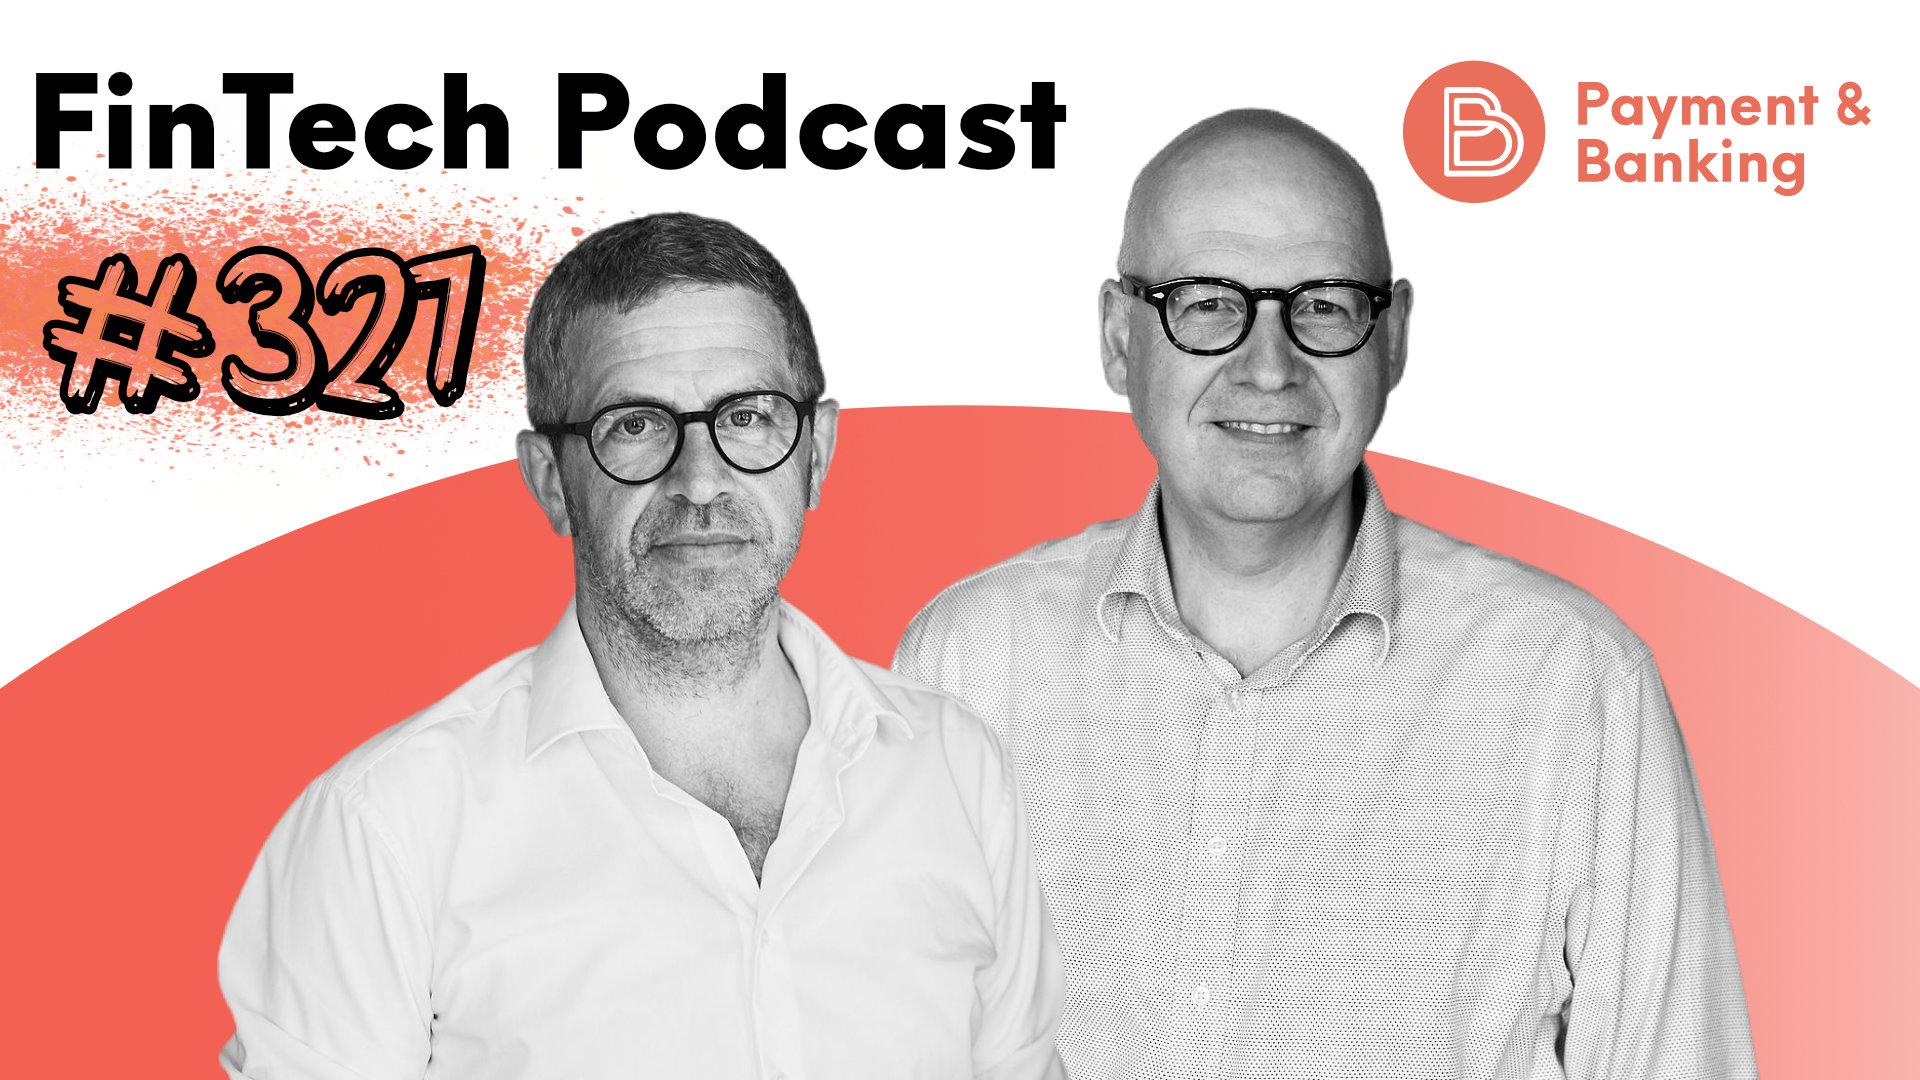 André M. Bajorat und Jochen Siegert moderieren den FinTech Podcast #327